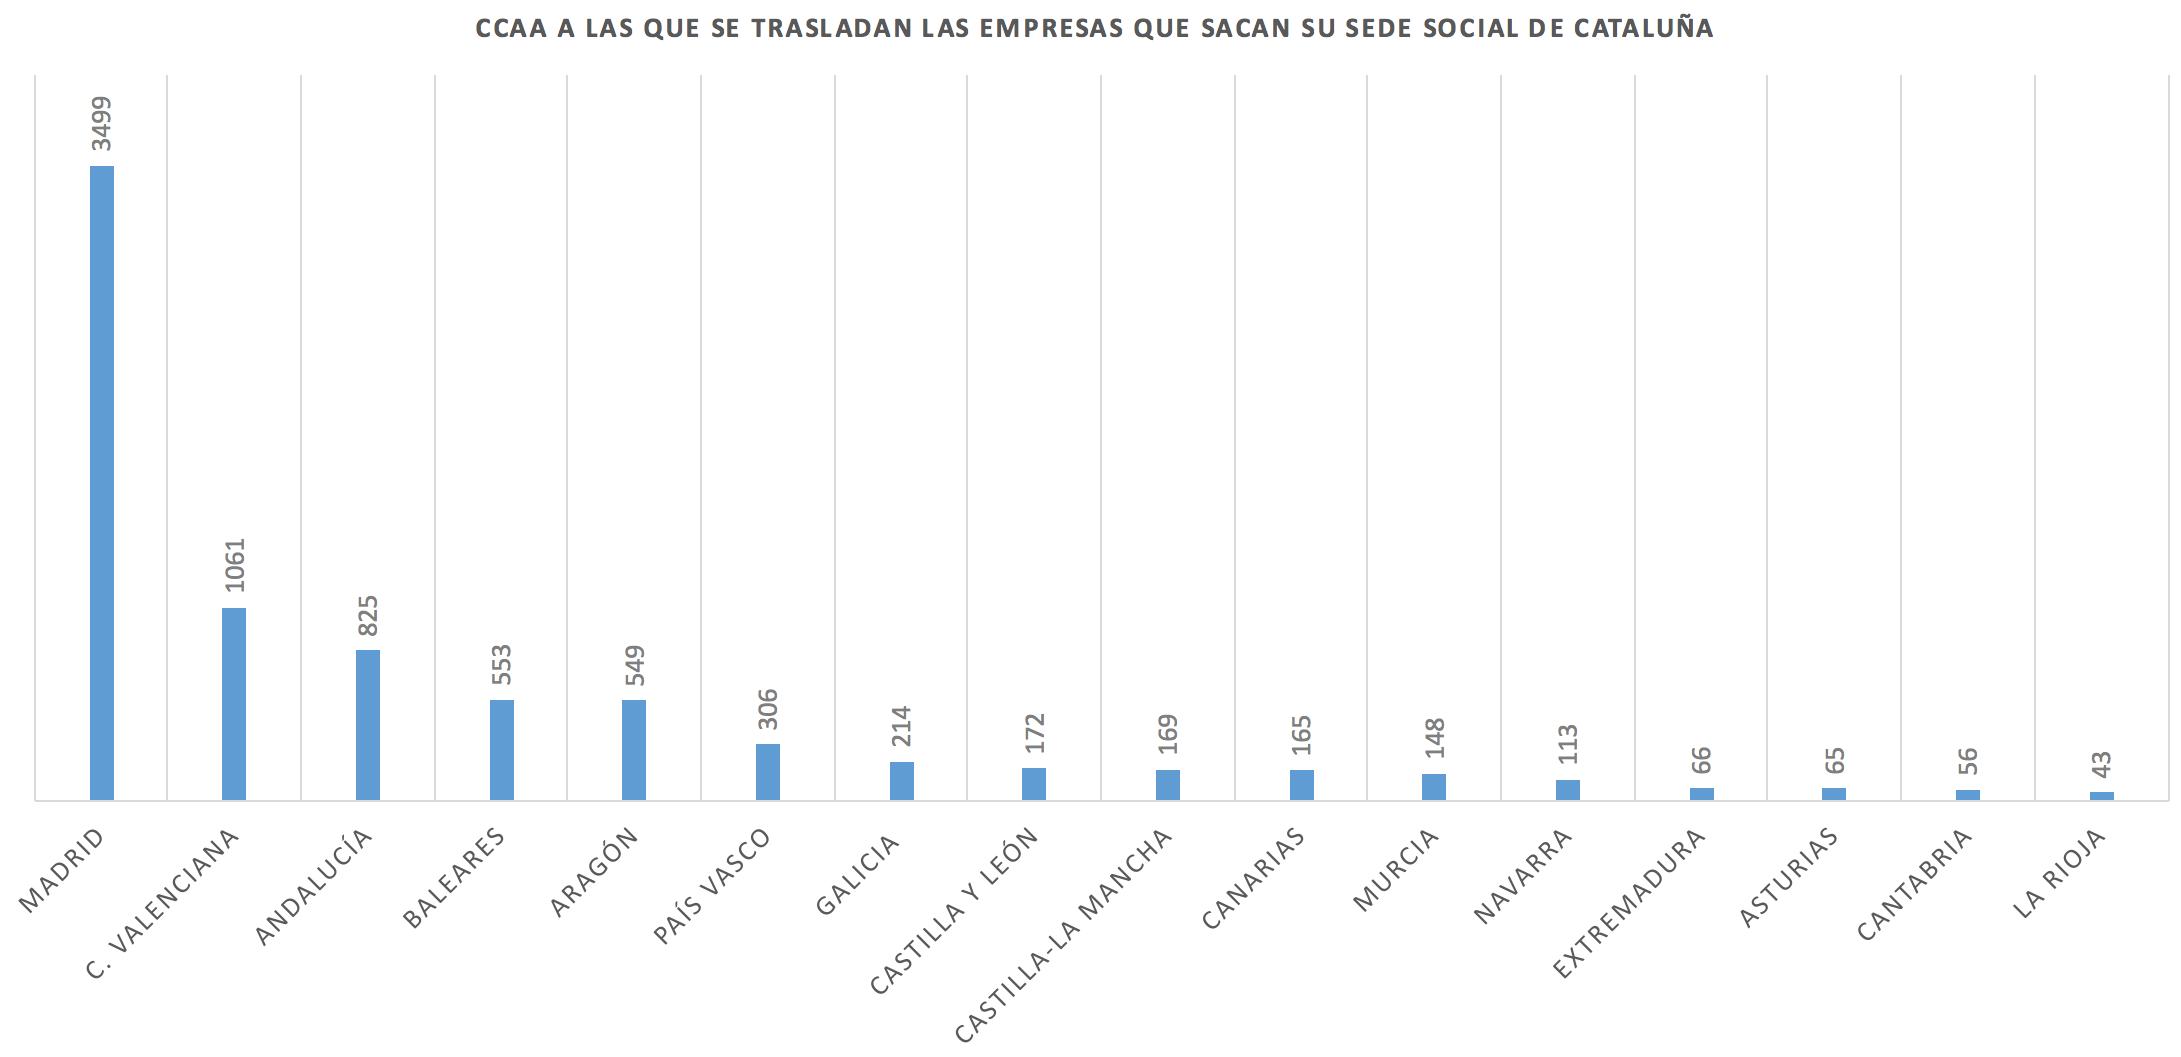 Traslado-Empresas-Cataluna-Comunidad-Des